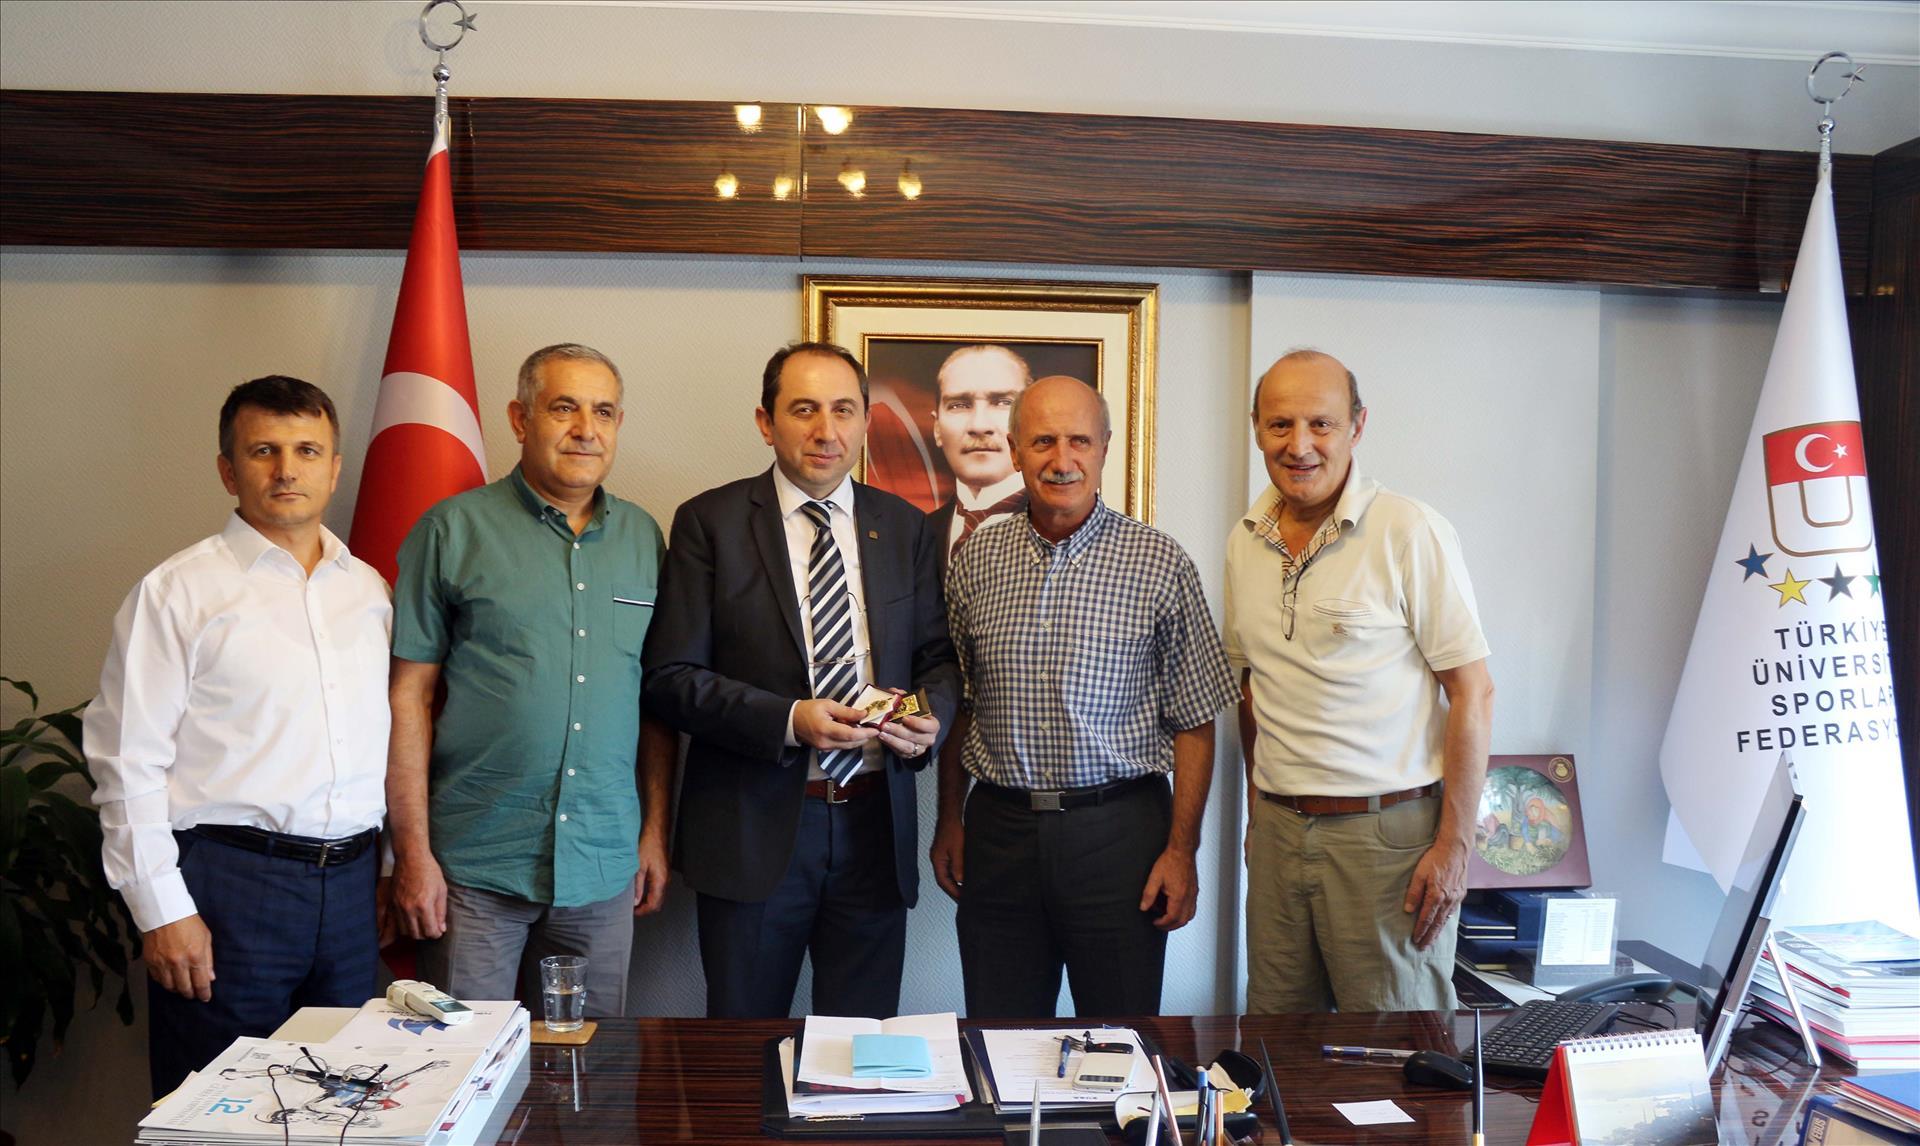 Rektörümüz Türkiye Üniversite Sporları Federasyon Başkanı Tamer'i Ziyaret Etti